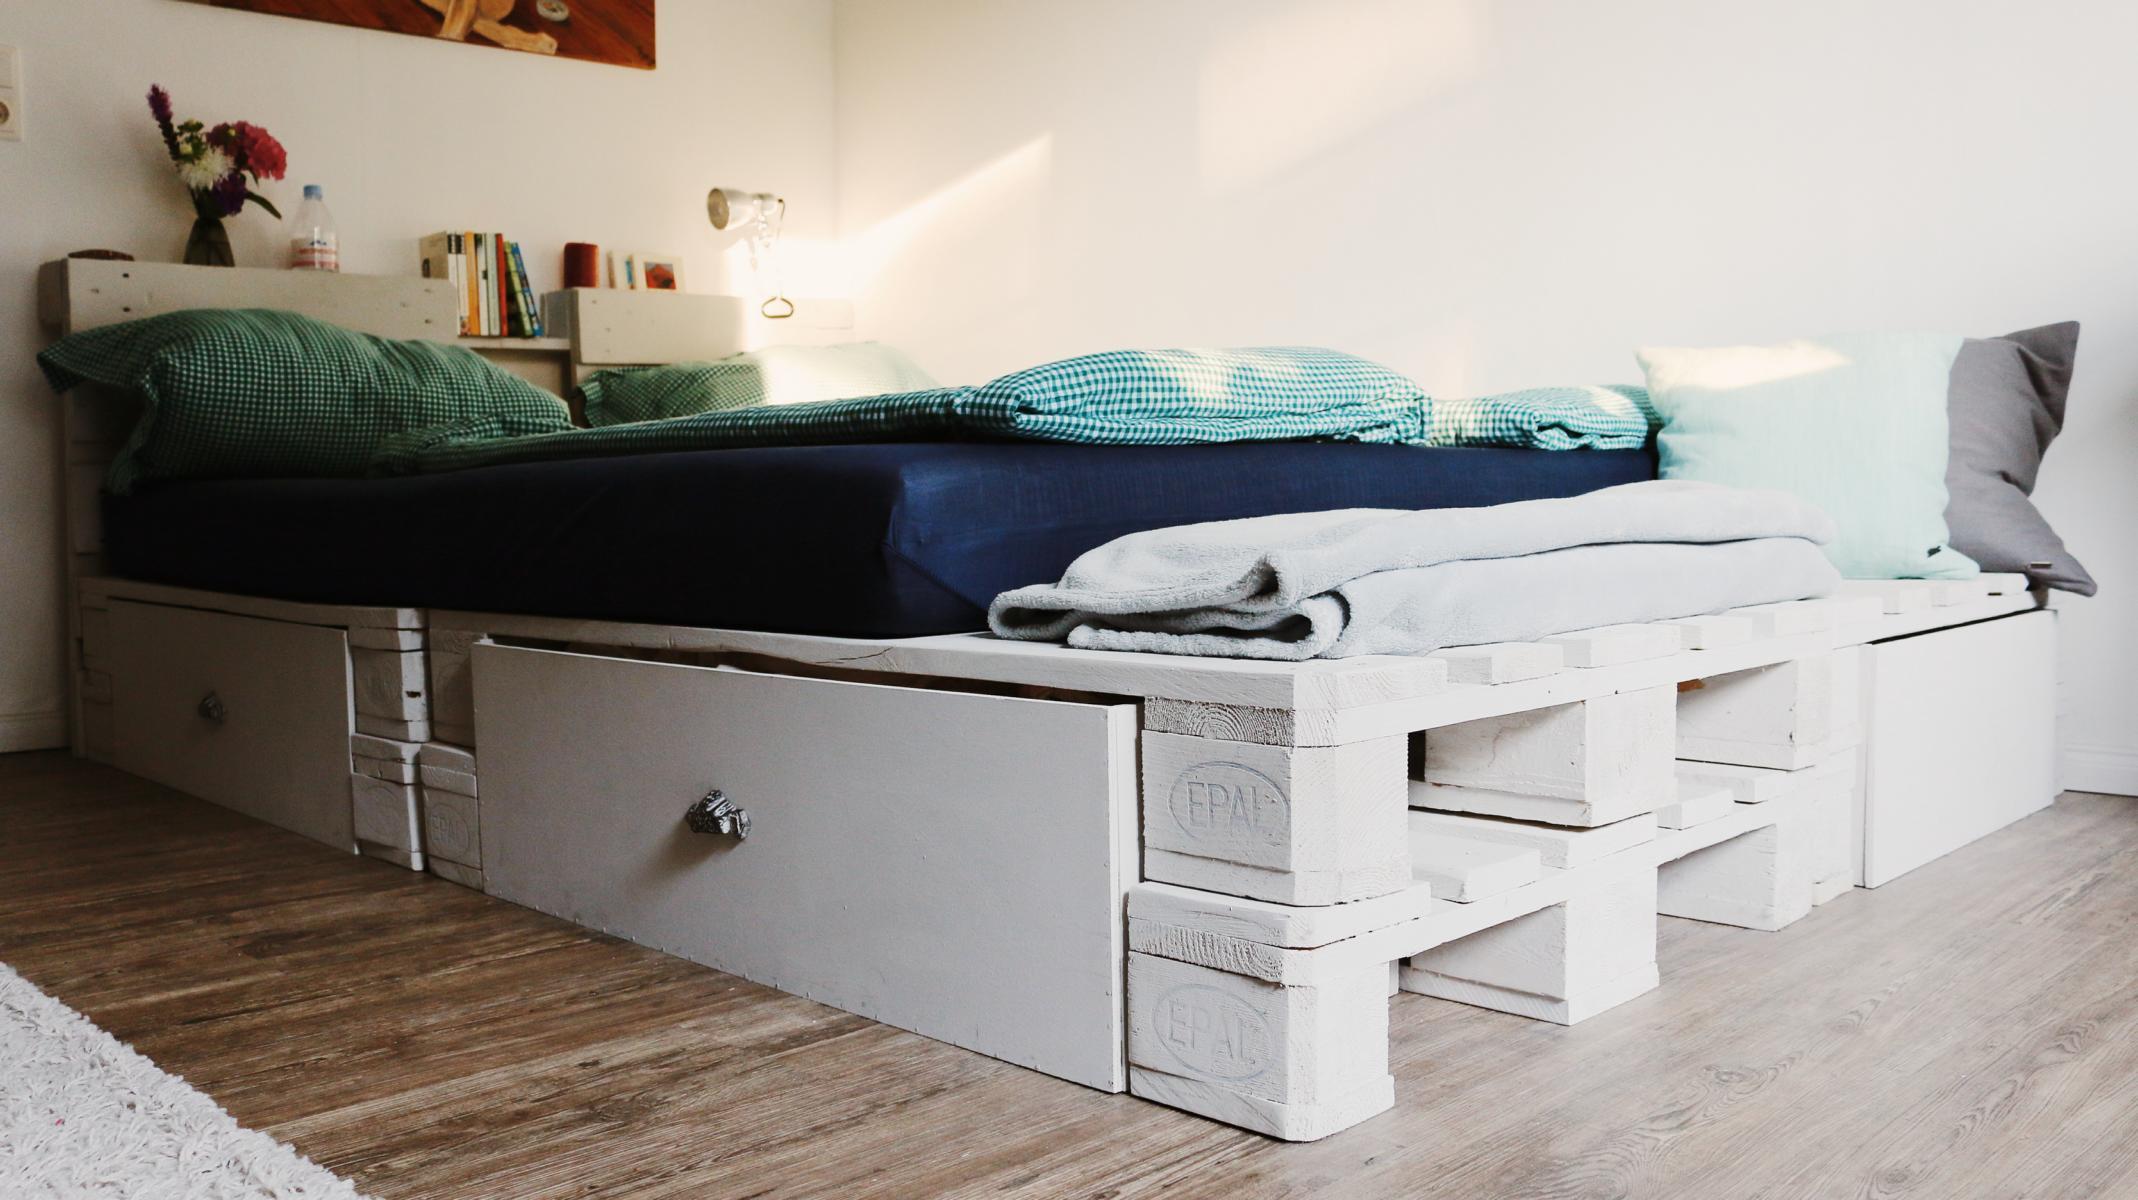 Diy Europaletten  Palettenbett selber bauen Europaletten Bett DIY